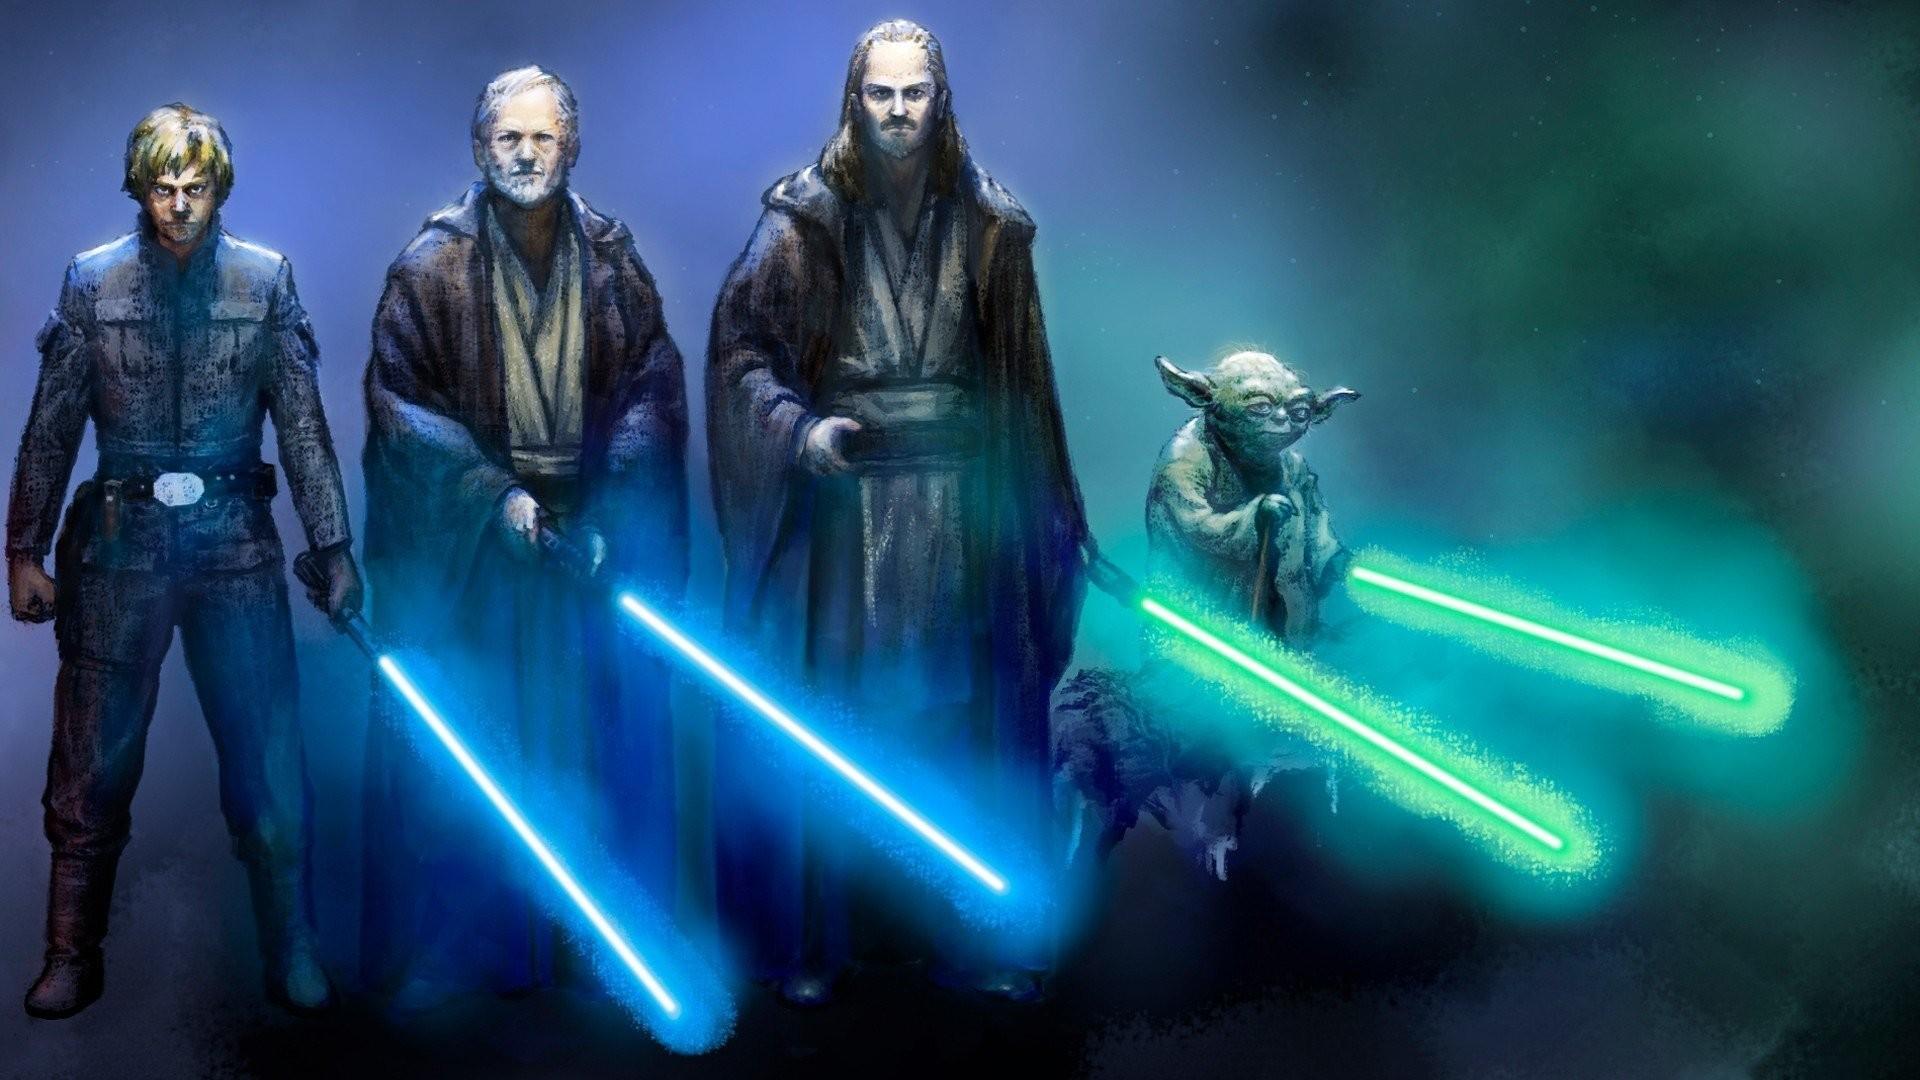 star wars jedi yoda luke skywalker obi wan kenobi qui gon jinn